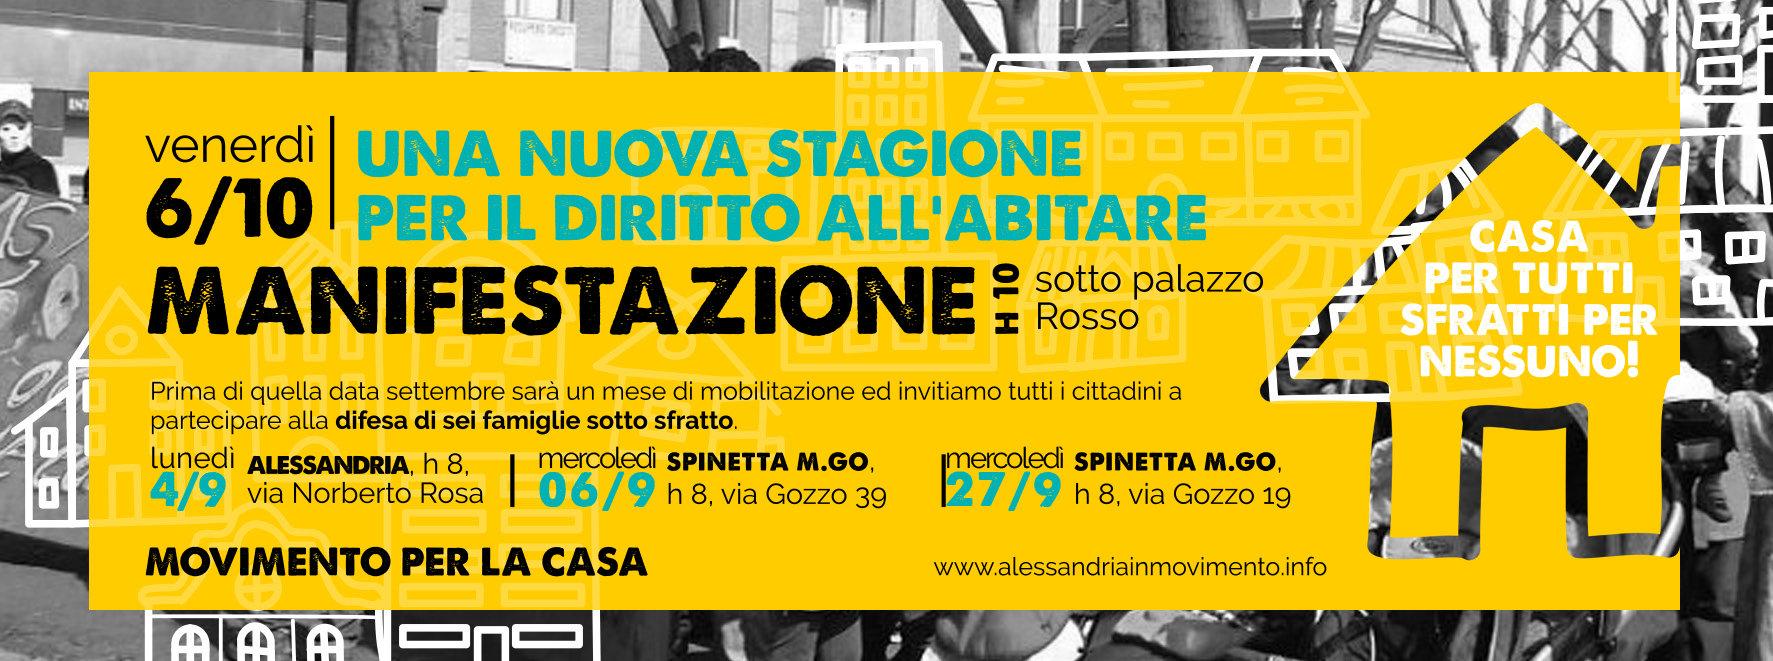 Una nuova stagione per il diritto all'abitare. Venerdì 6 ottobre manifestazione davanti a Palazzo Rosso